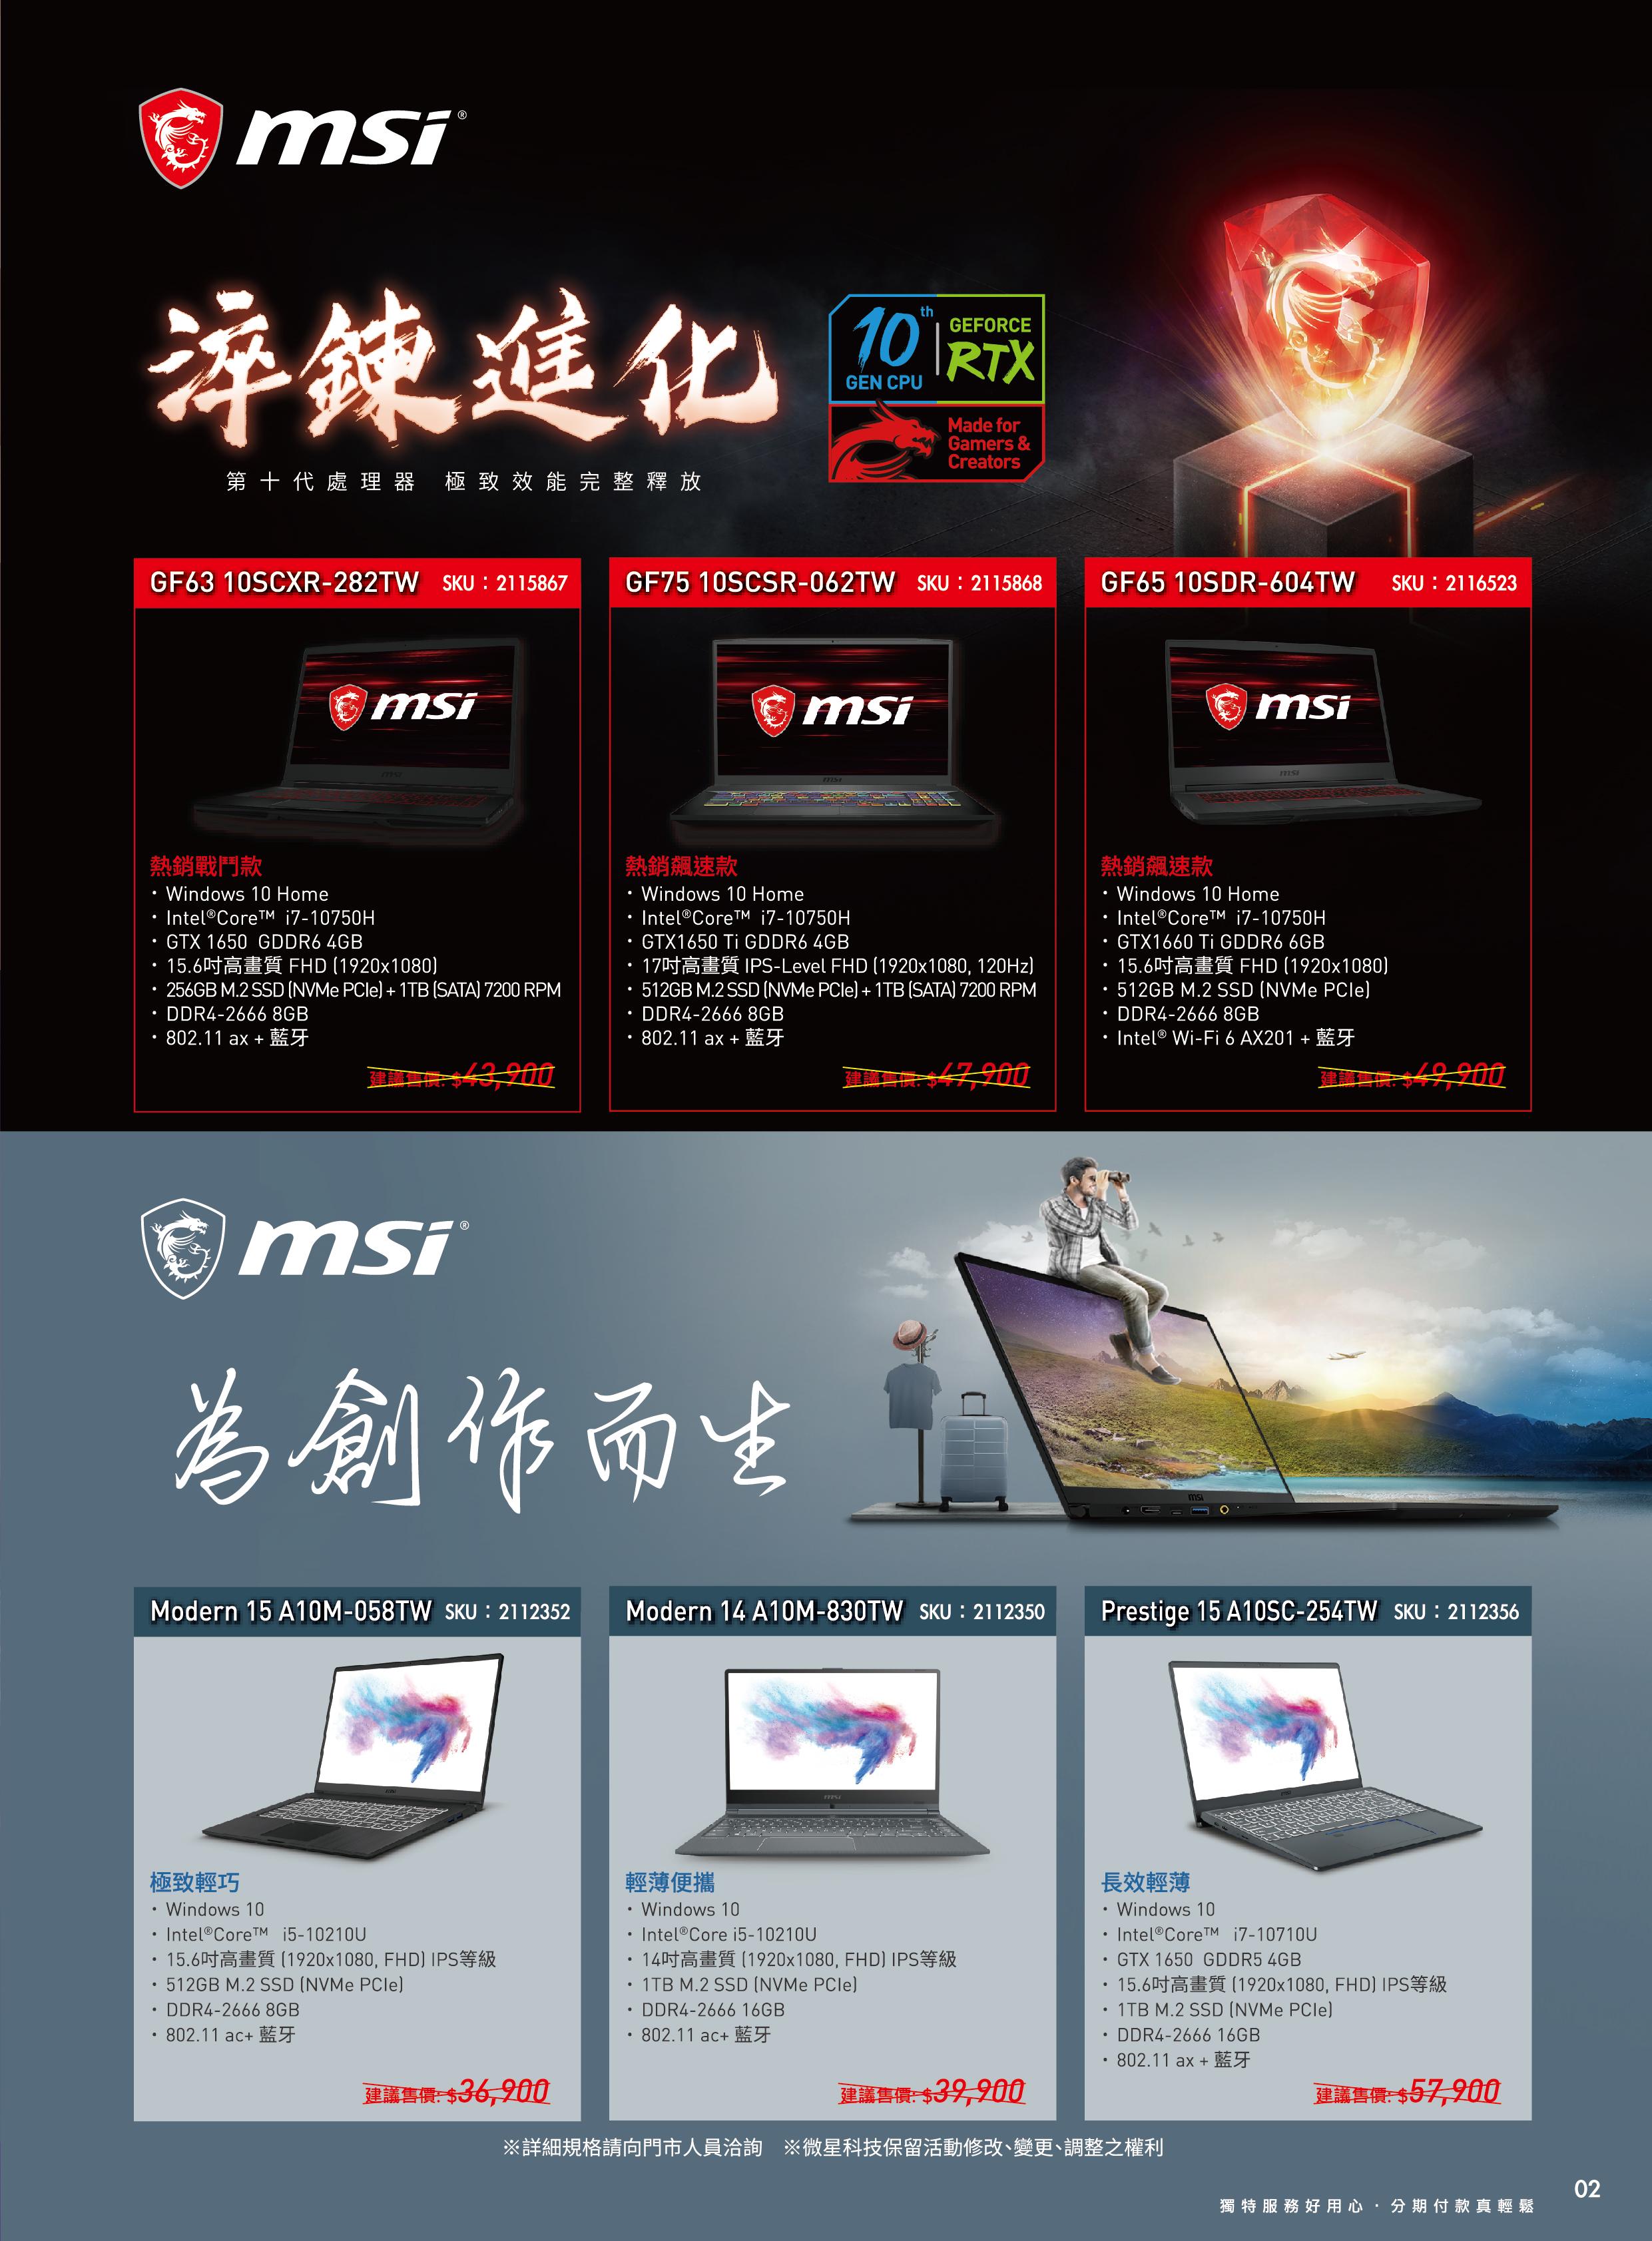 全國電子 X 當期資訊商品優惠DM 2